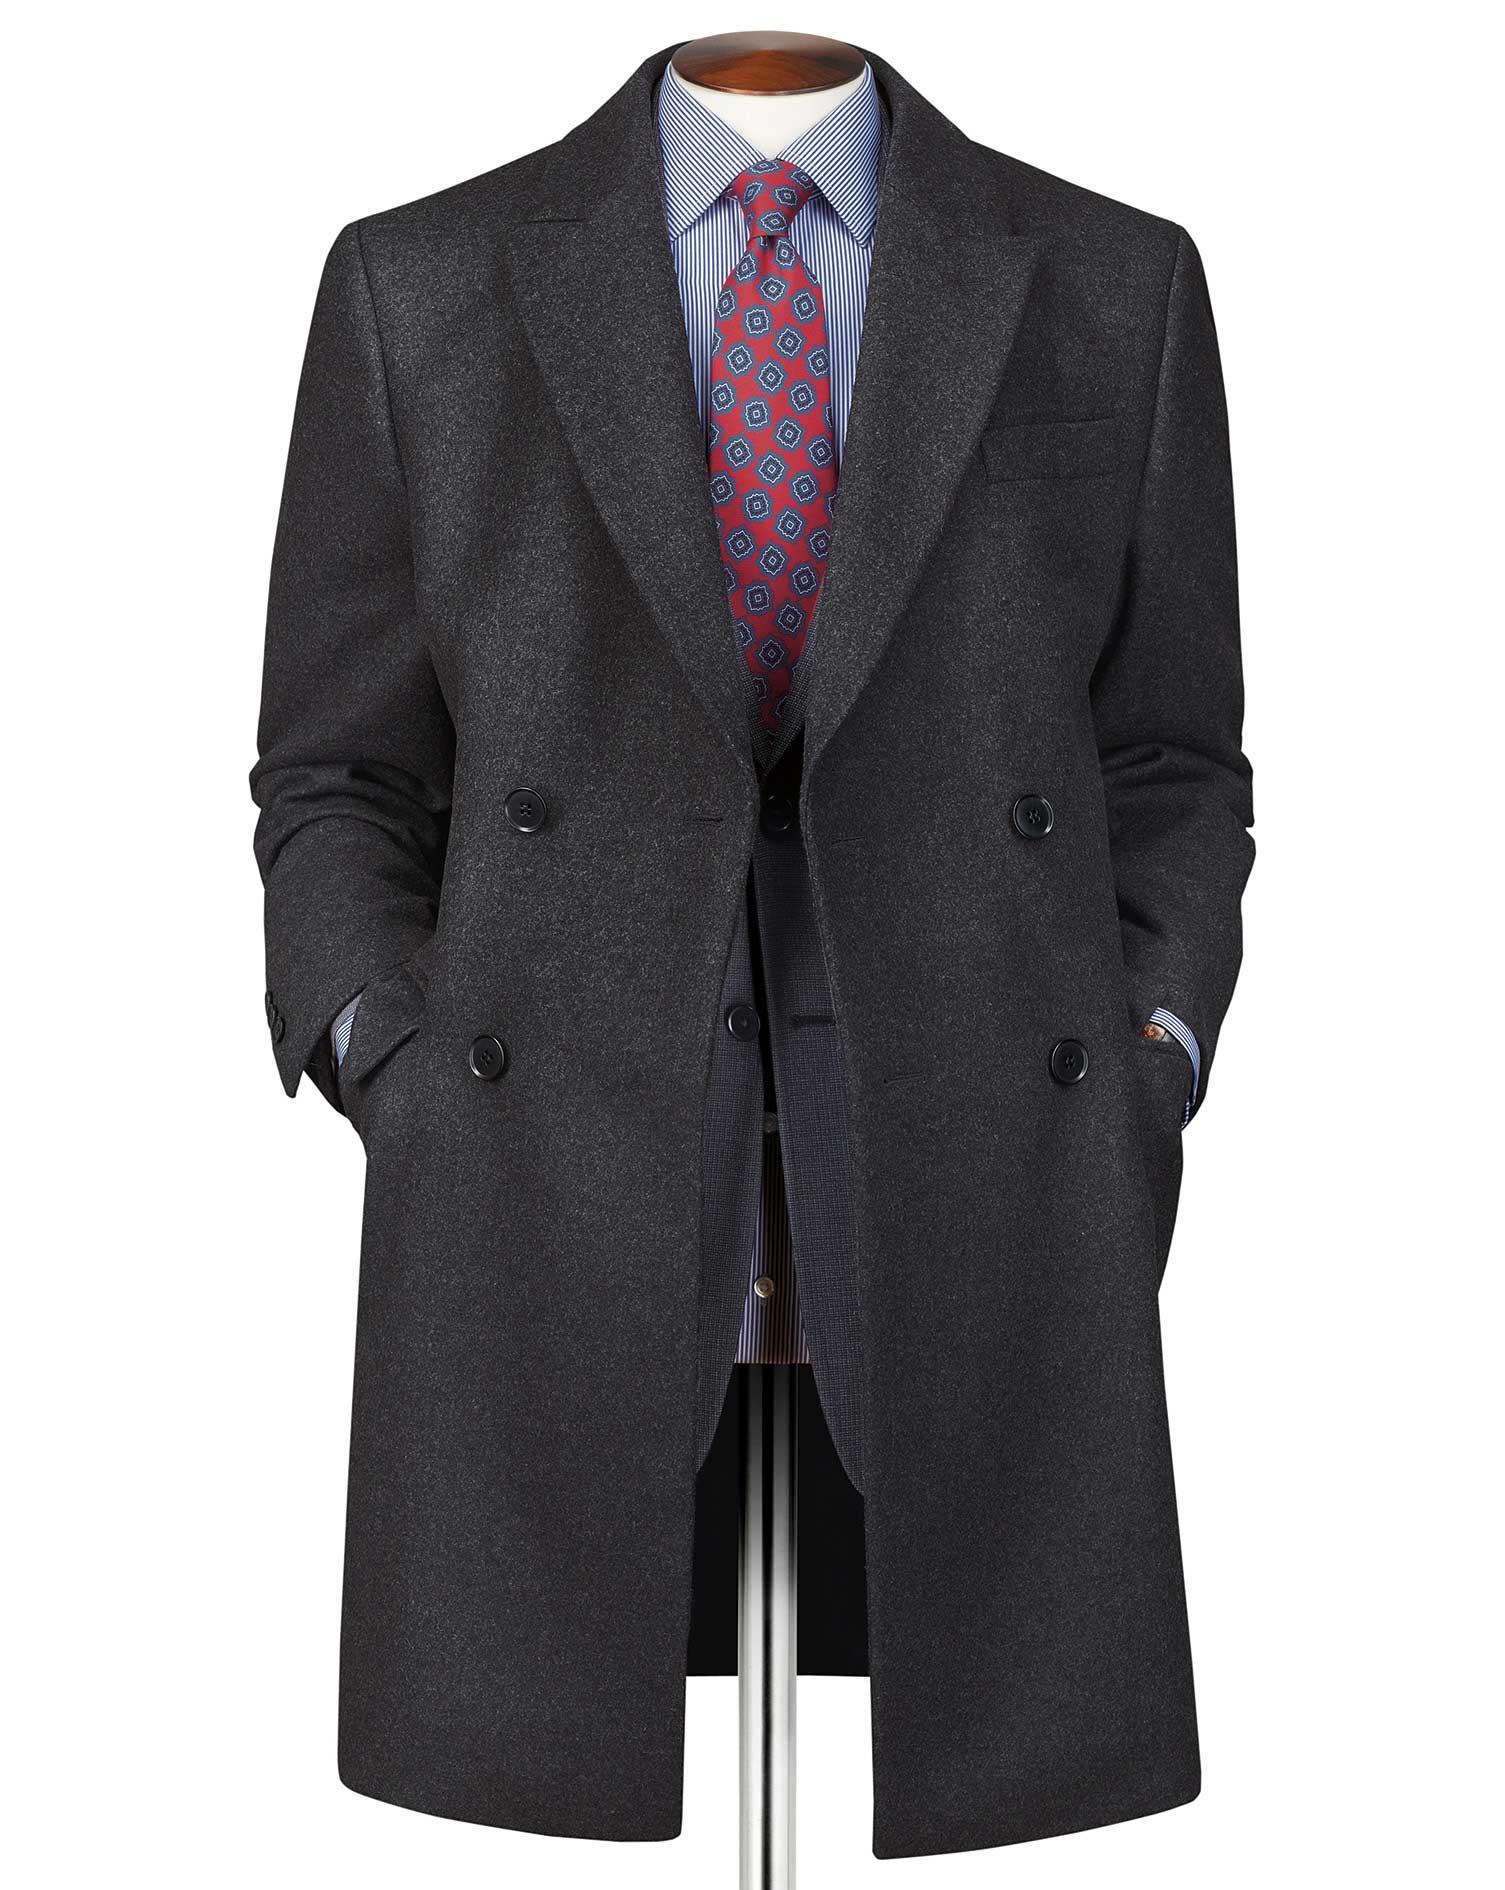 Charcoal Wool Cashmere Epsom Overcoat Size 48 Regular by Charles Tyrwhitt